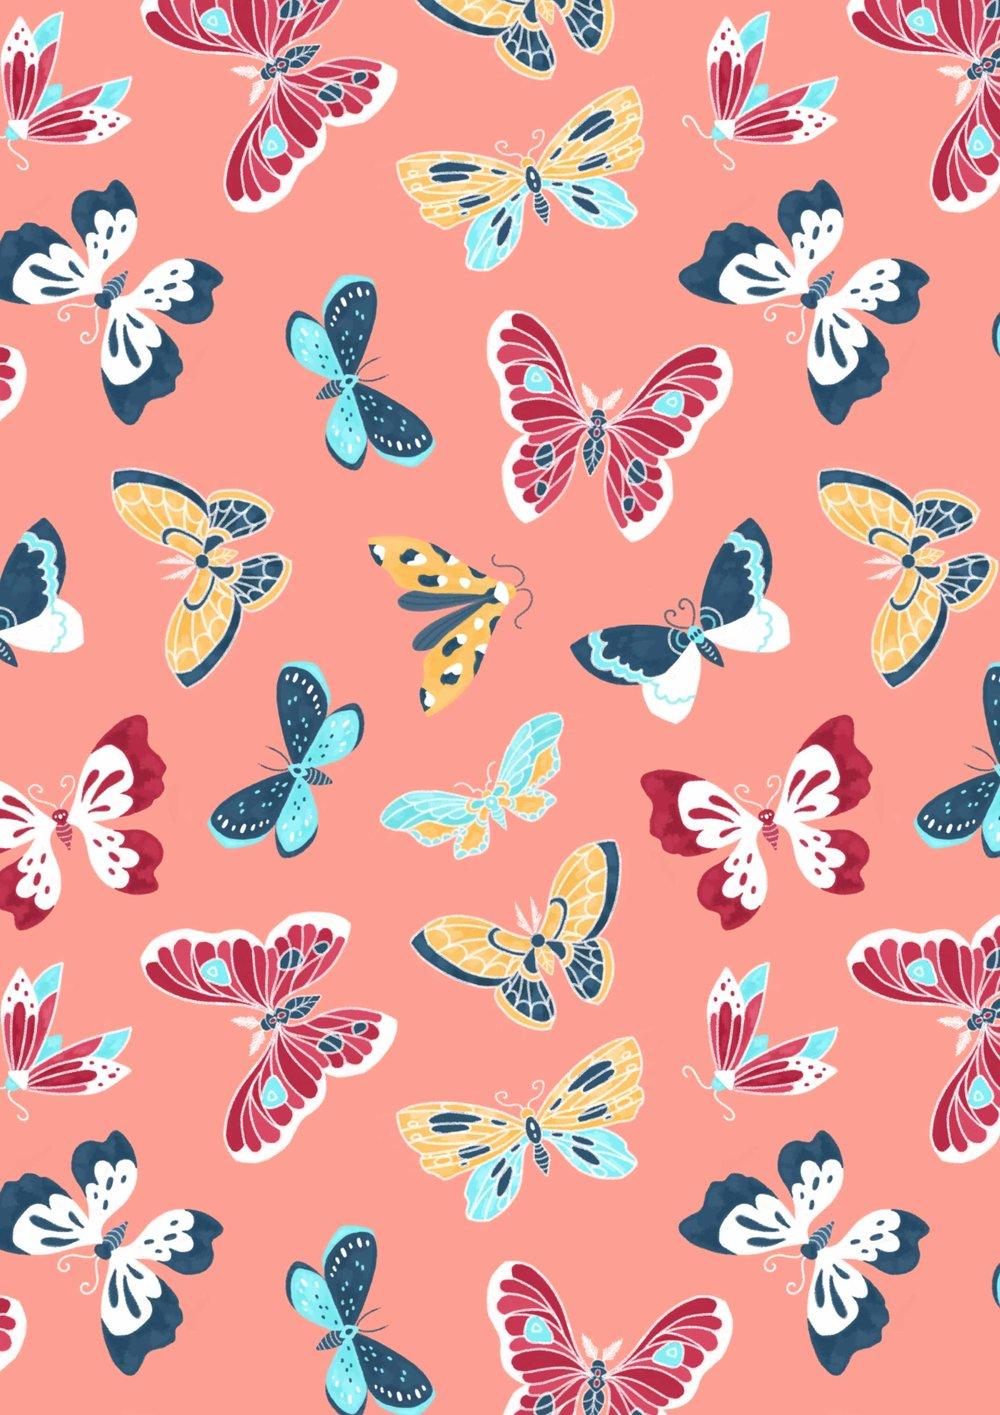 Vibrant butterfly pattern.